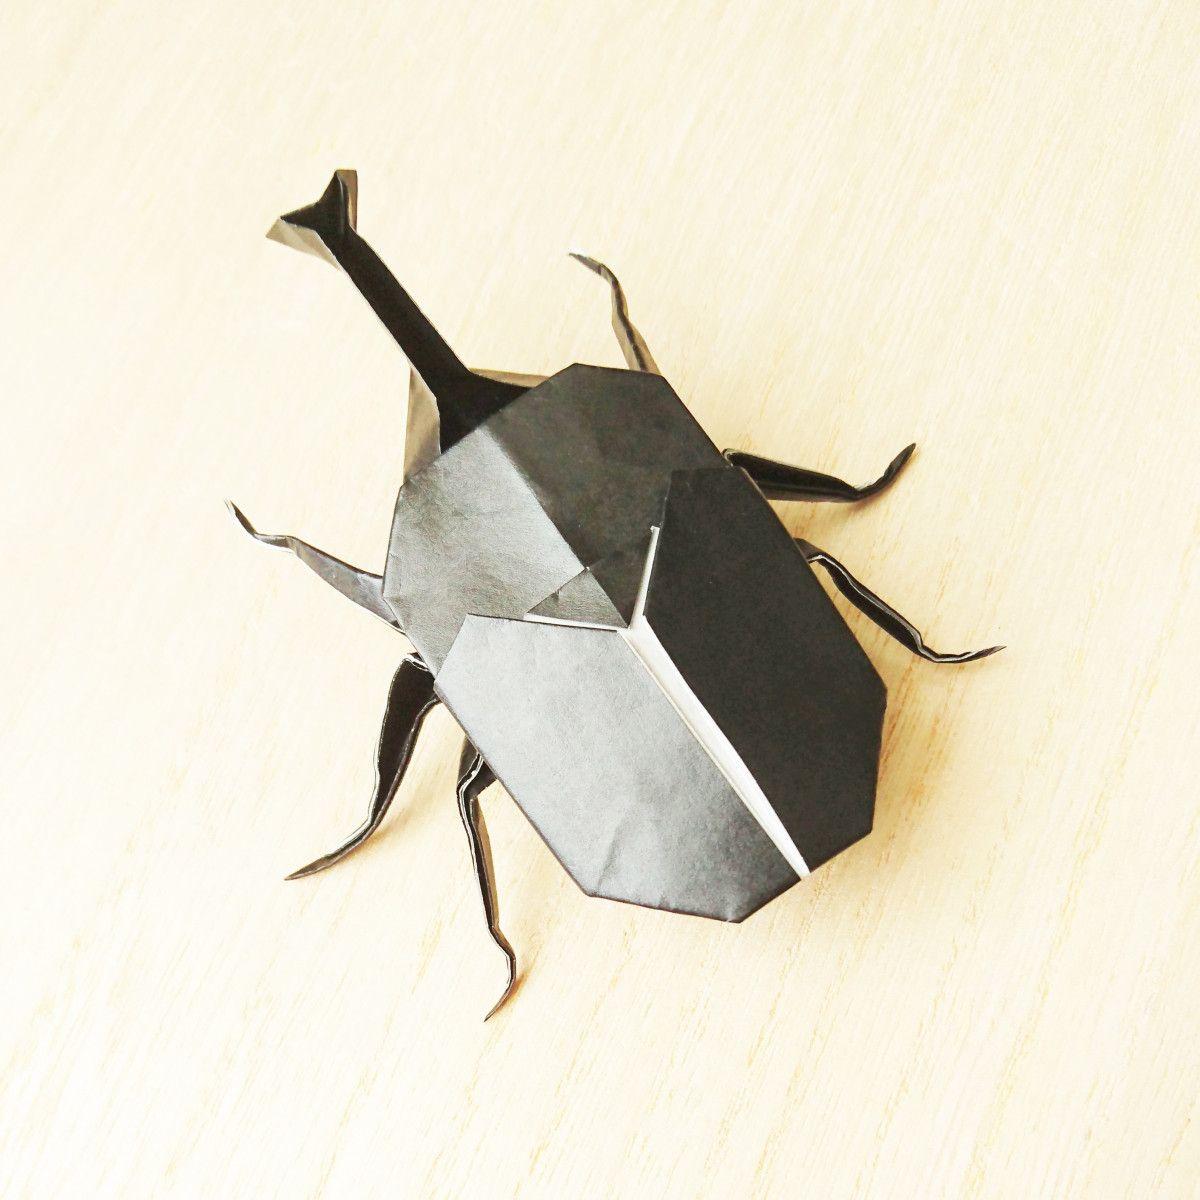 今回は 折り紙2枚で作る 立体的なカブトムシ のご紹介です 男の子に人気の カッコイイ昆虫折り紙といえばコレ 難しそうに見えるのに 折り方は意外にカンタン 平面のものと違い 見た目が本物のようで男の子は大喜び ぜひ夏がくる前に練習して お子さんを驚かせ